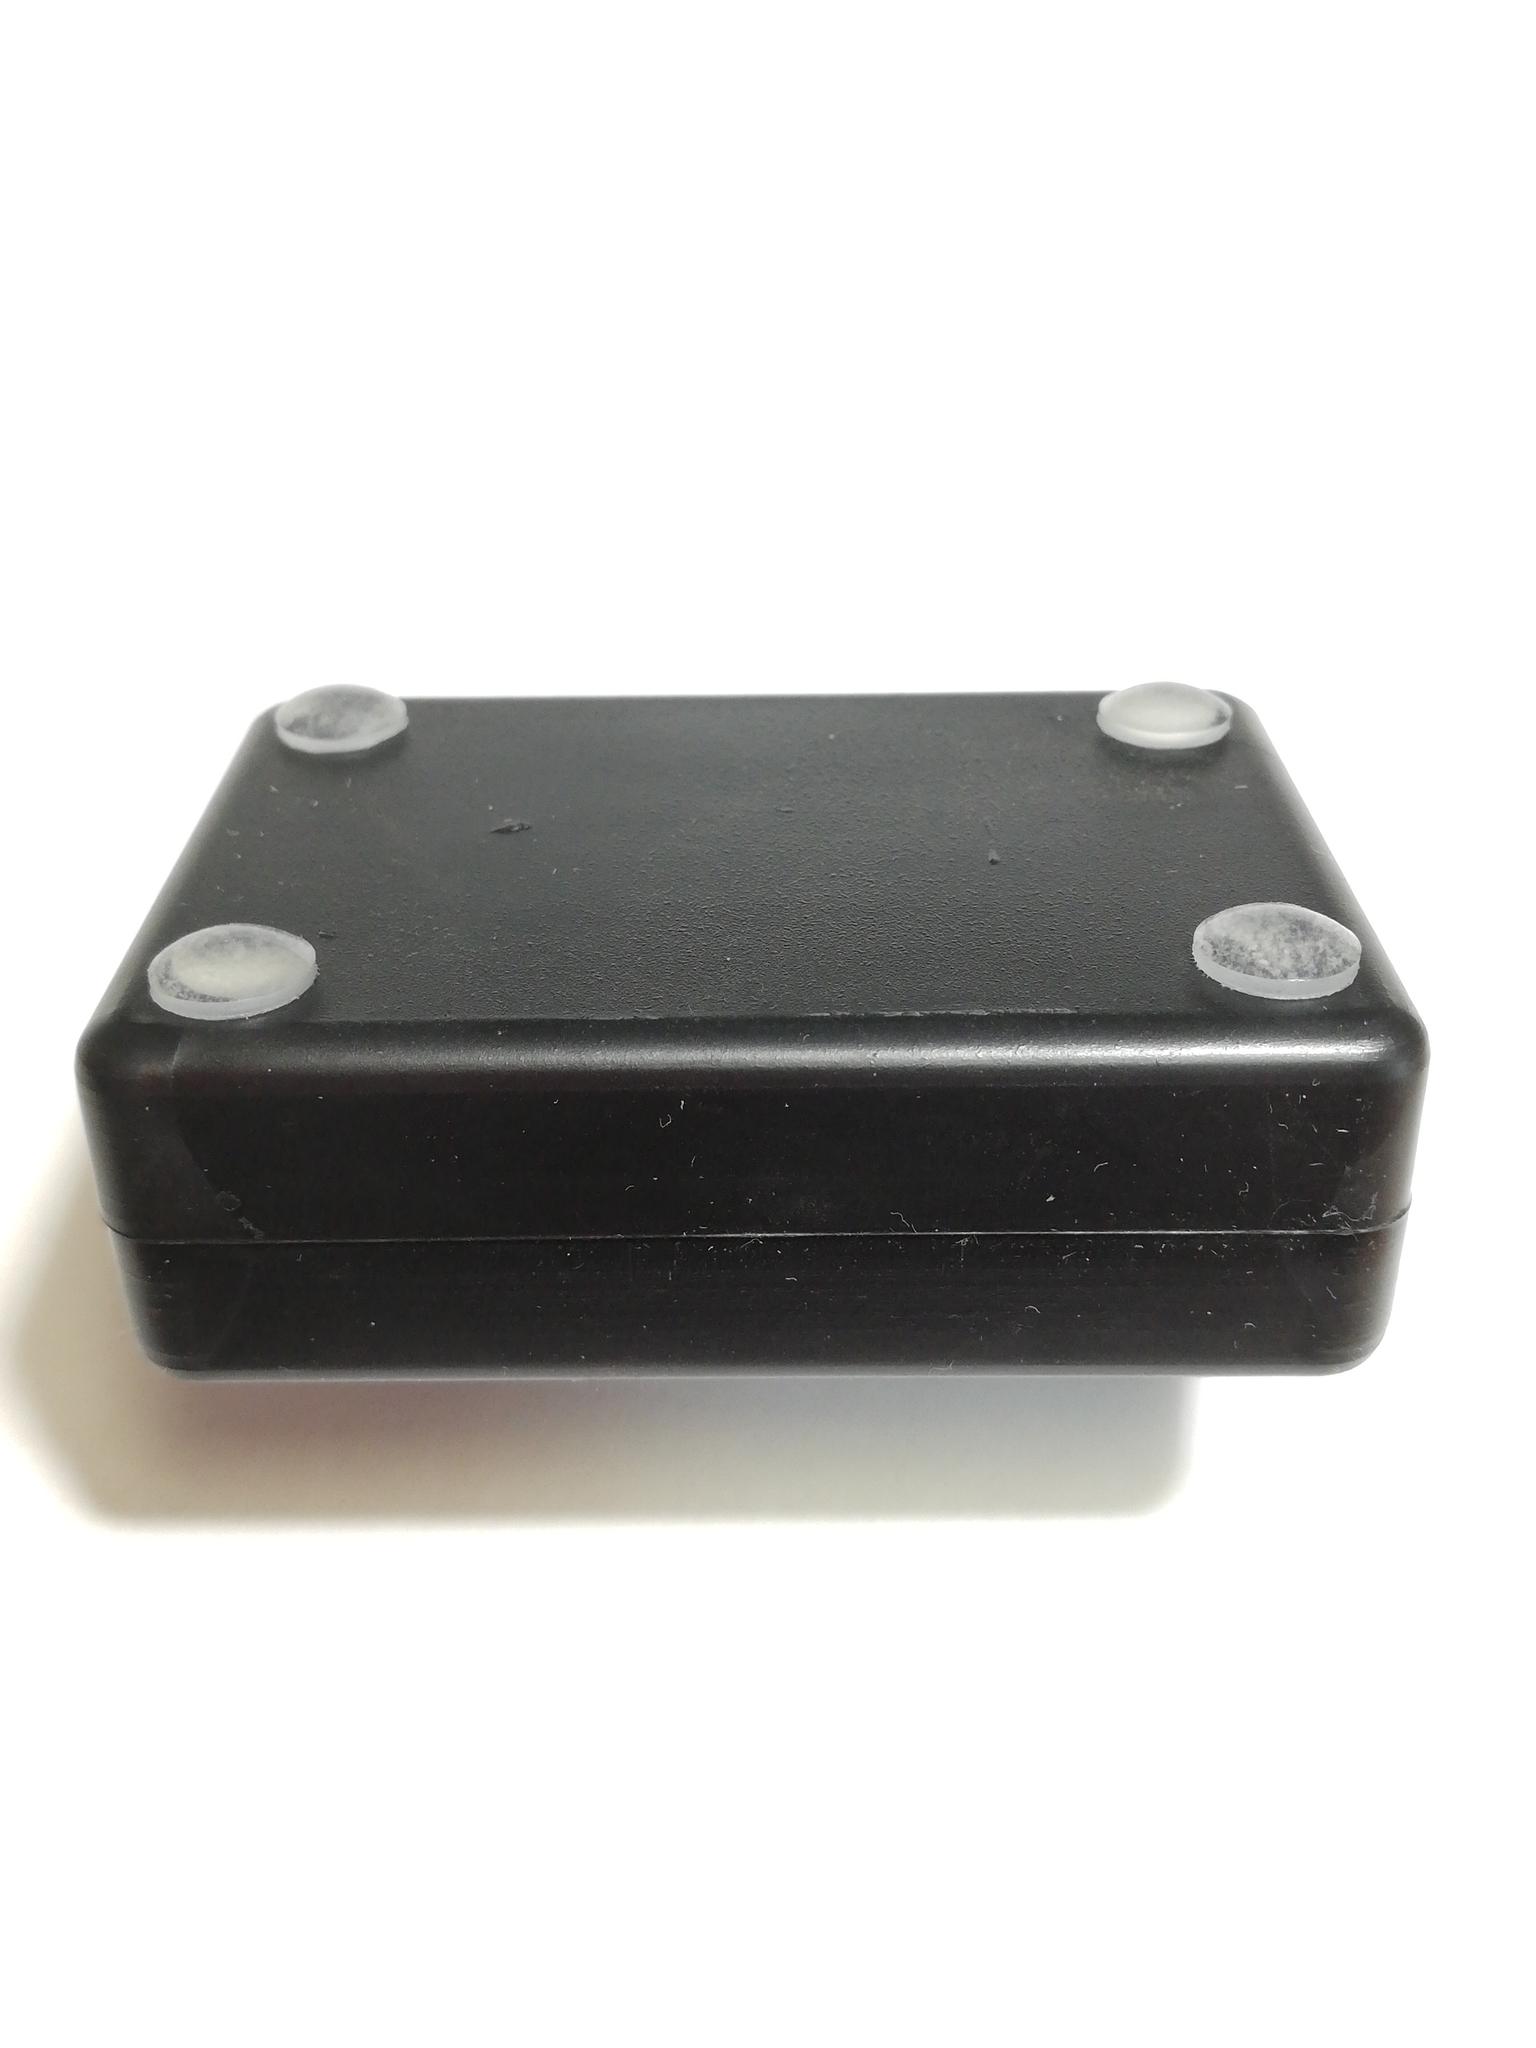 4 прозрачные силиконовые ножки с клеящим слоем для корпуса. Диаметр 8 мм, высота 2 мм.